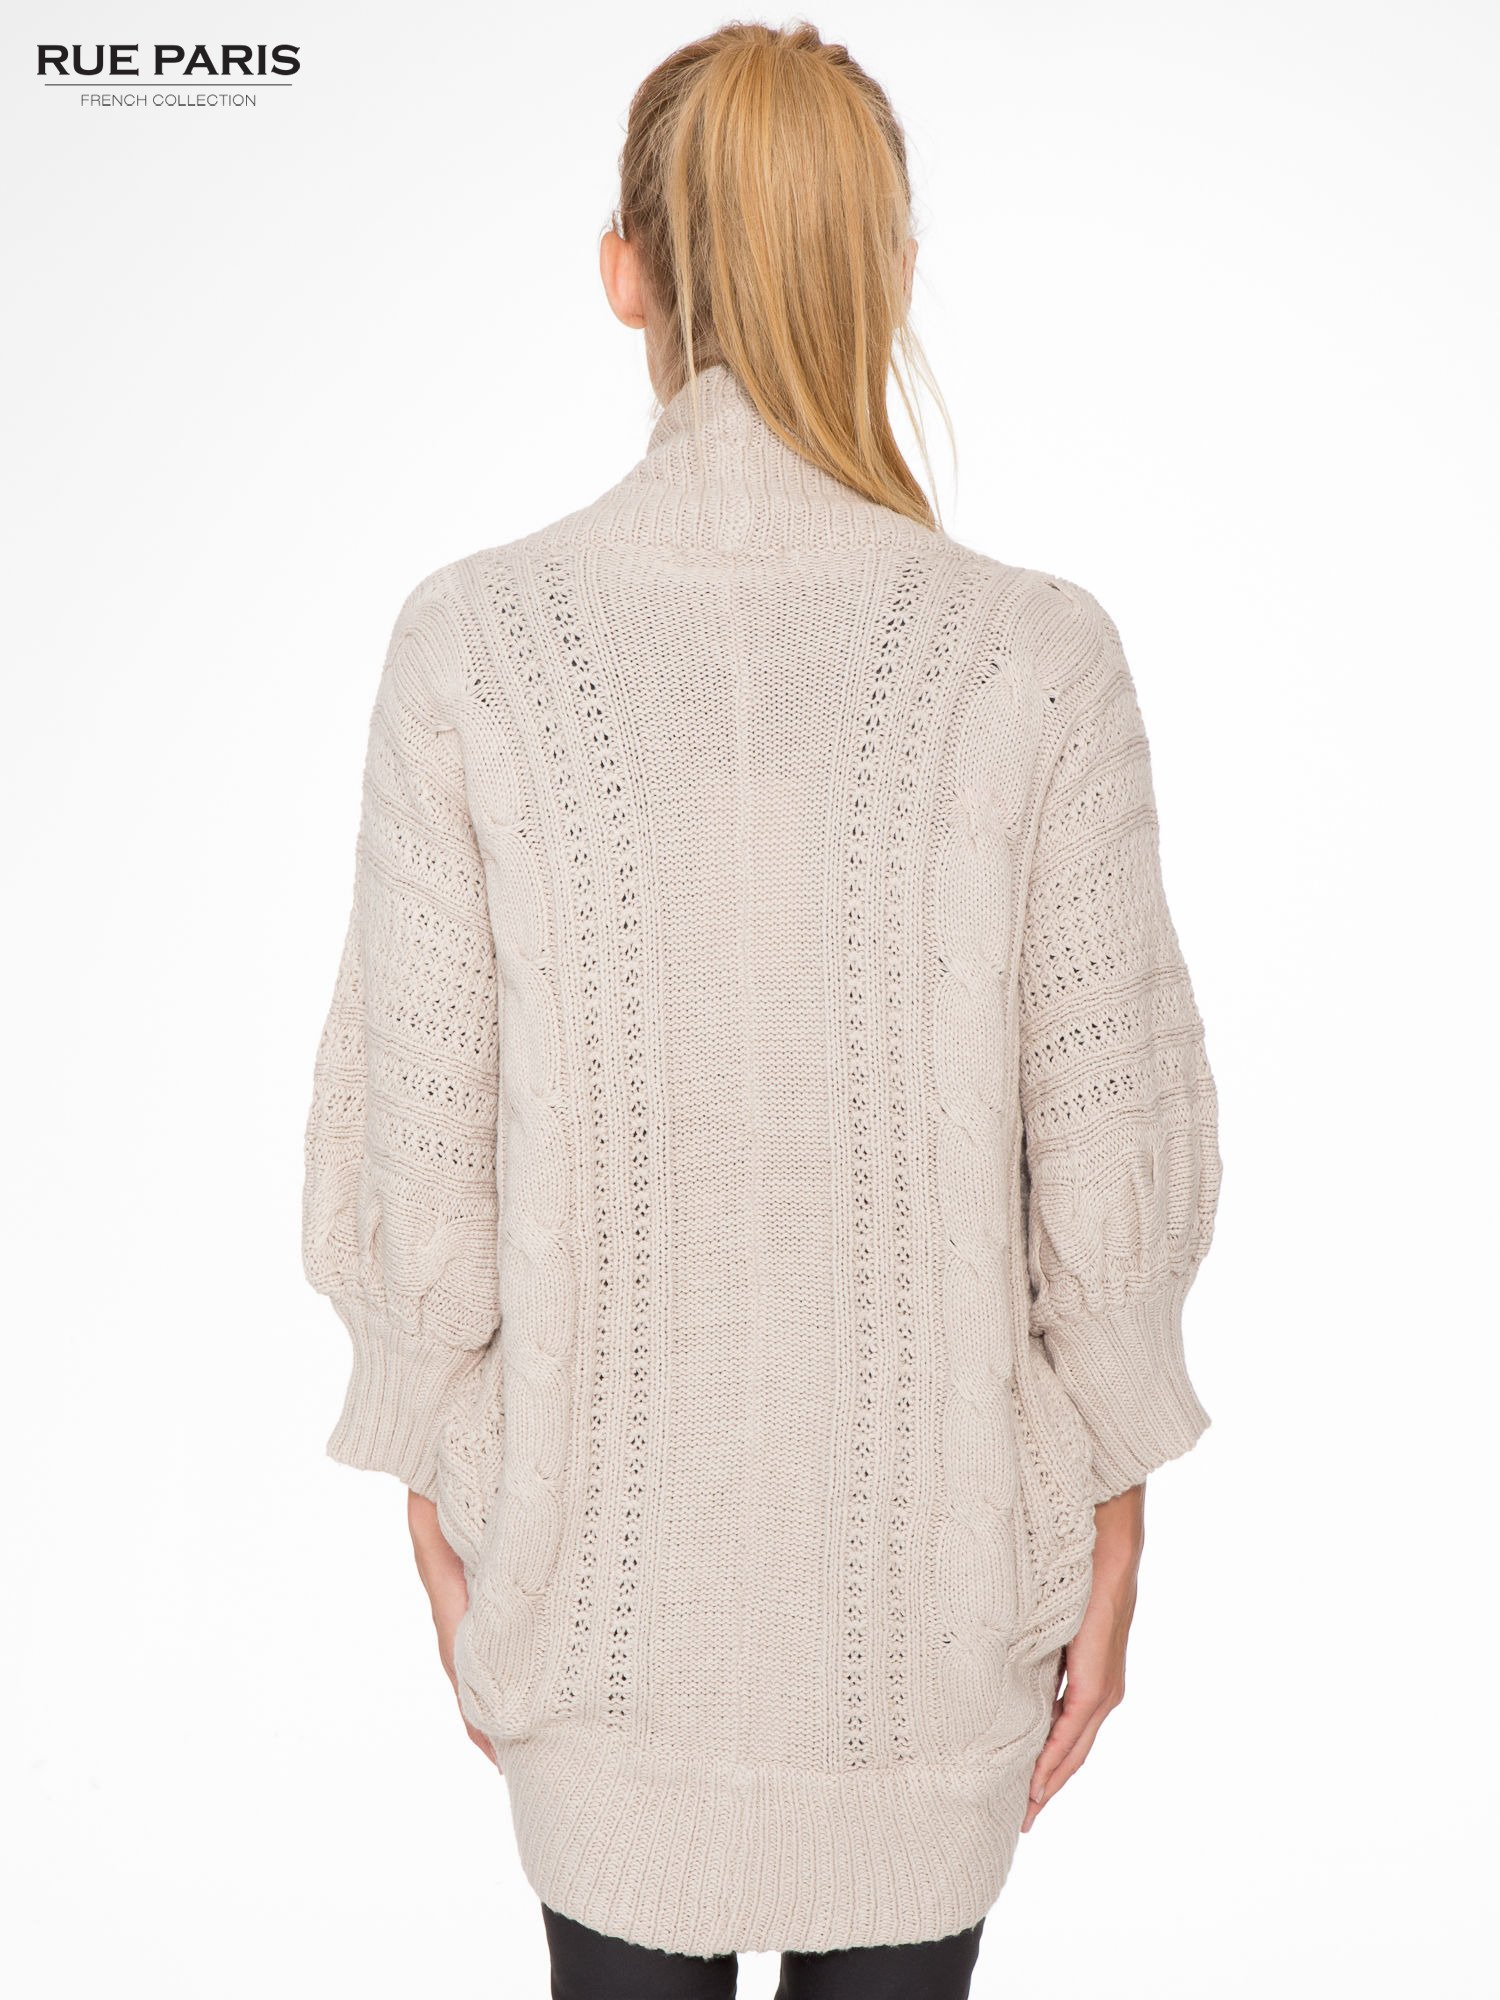 Jasnobeżowy dziergany sweter typu otwarty kardigan                                  zdj.                                  4